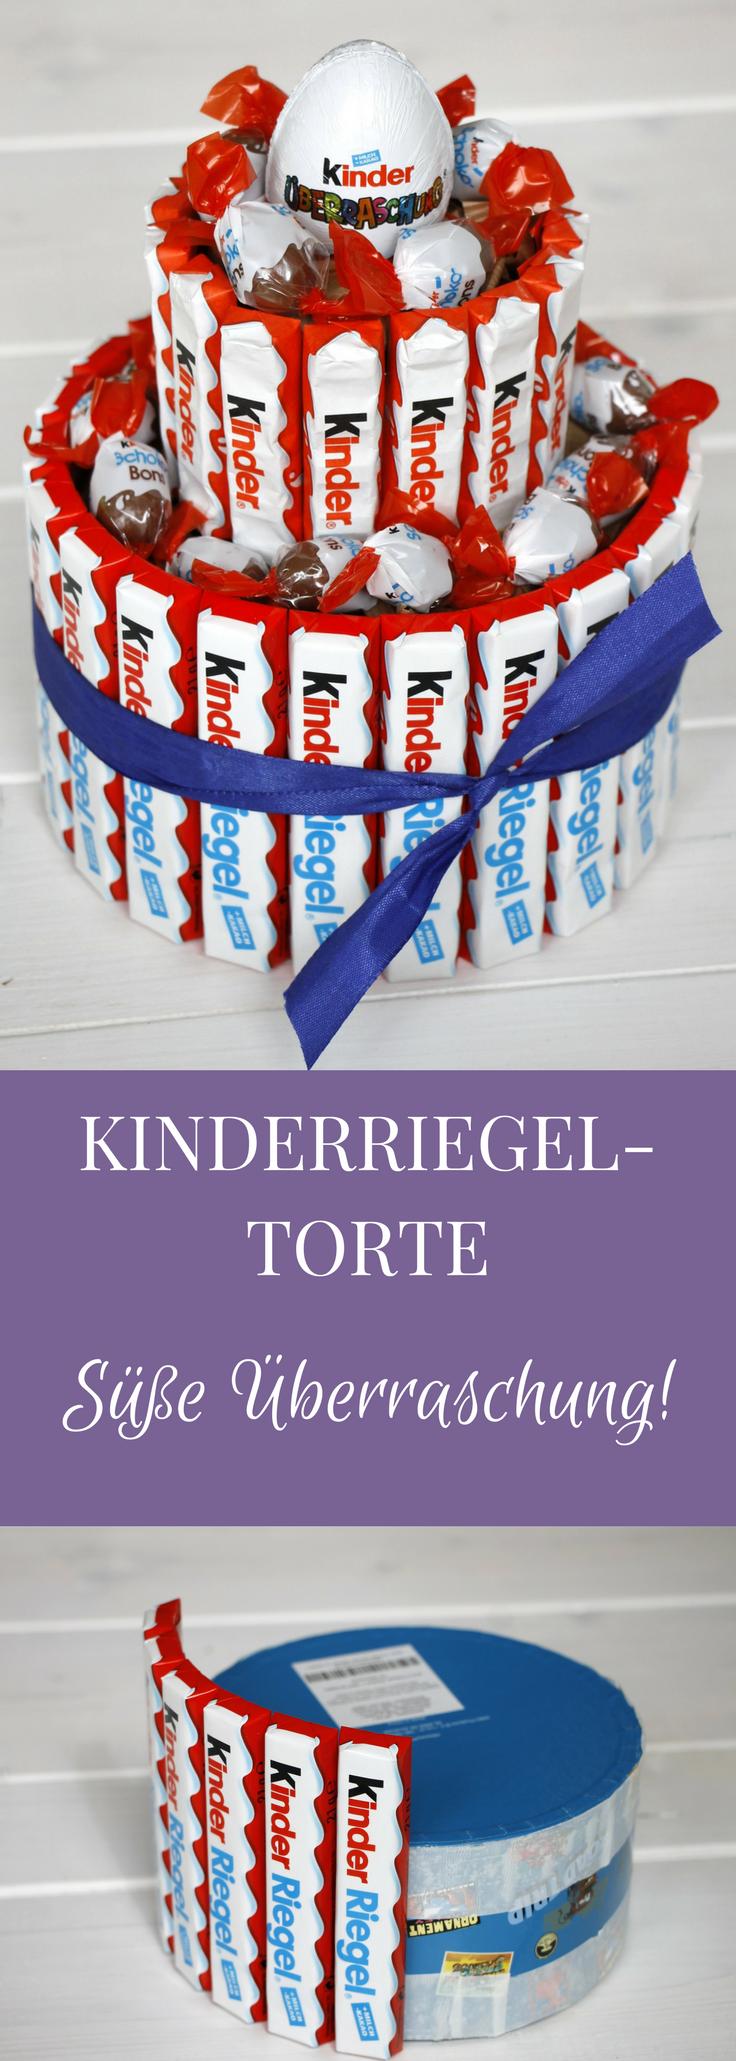 Kinderriegel Torte ist eine kreative Geschenkidee für Schokofans. Wie ihr eine Kinderriegel-Torte basteln könnt, zeigen wir euch gerne. Natürlich könnt ihr die Süßigkeiten Torte auch mit anderen Süßigkeiten bekleben. Doch eine Kinderriegeltorte als Geschenk kommt eigentlich bei allen gut an, oder?